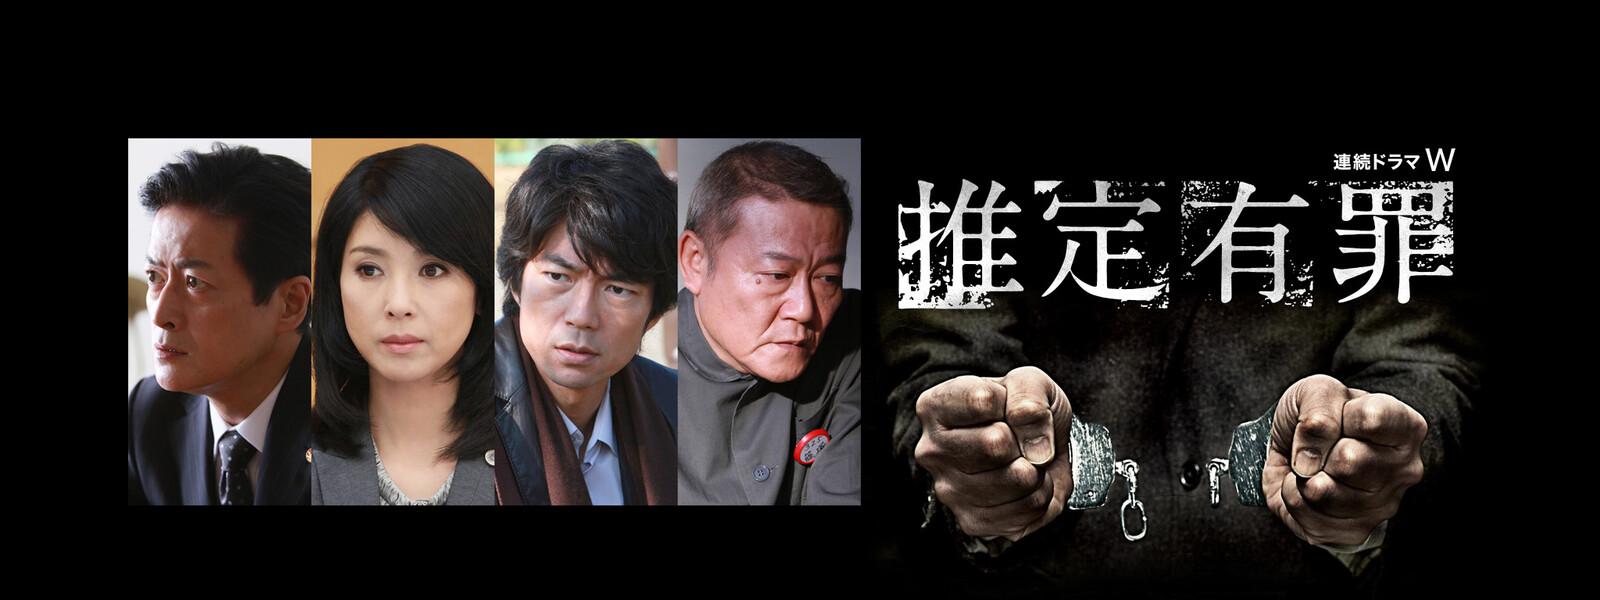 推定有罪 が見放題! | Hulu(フ...